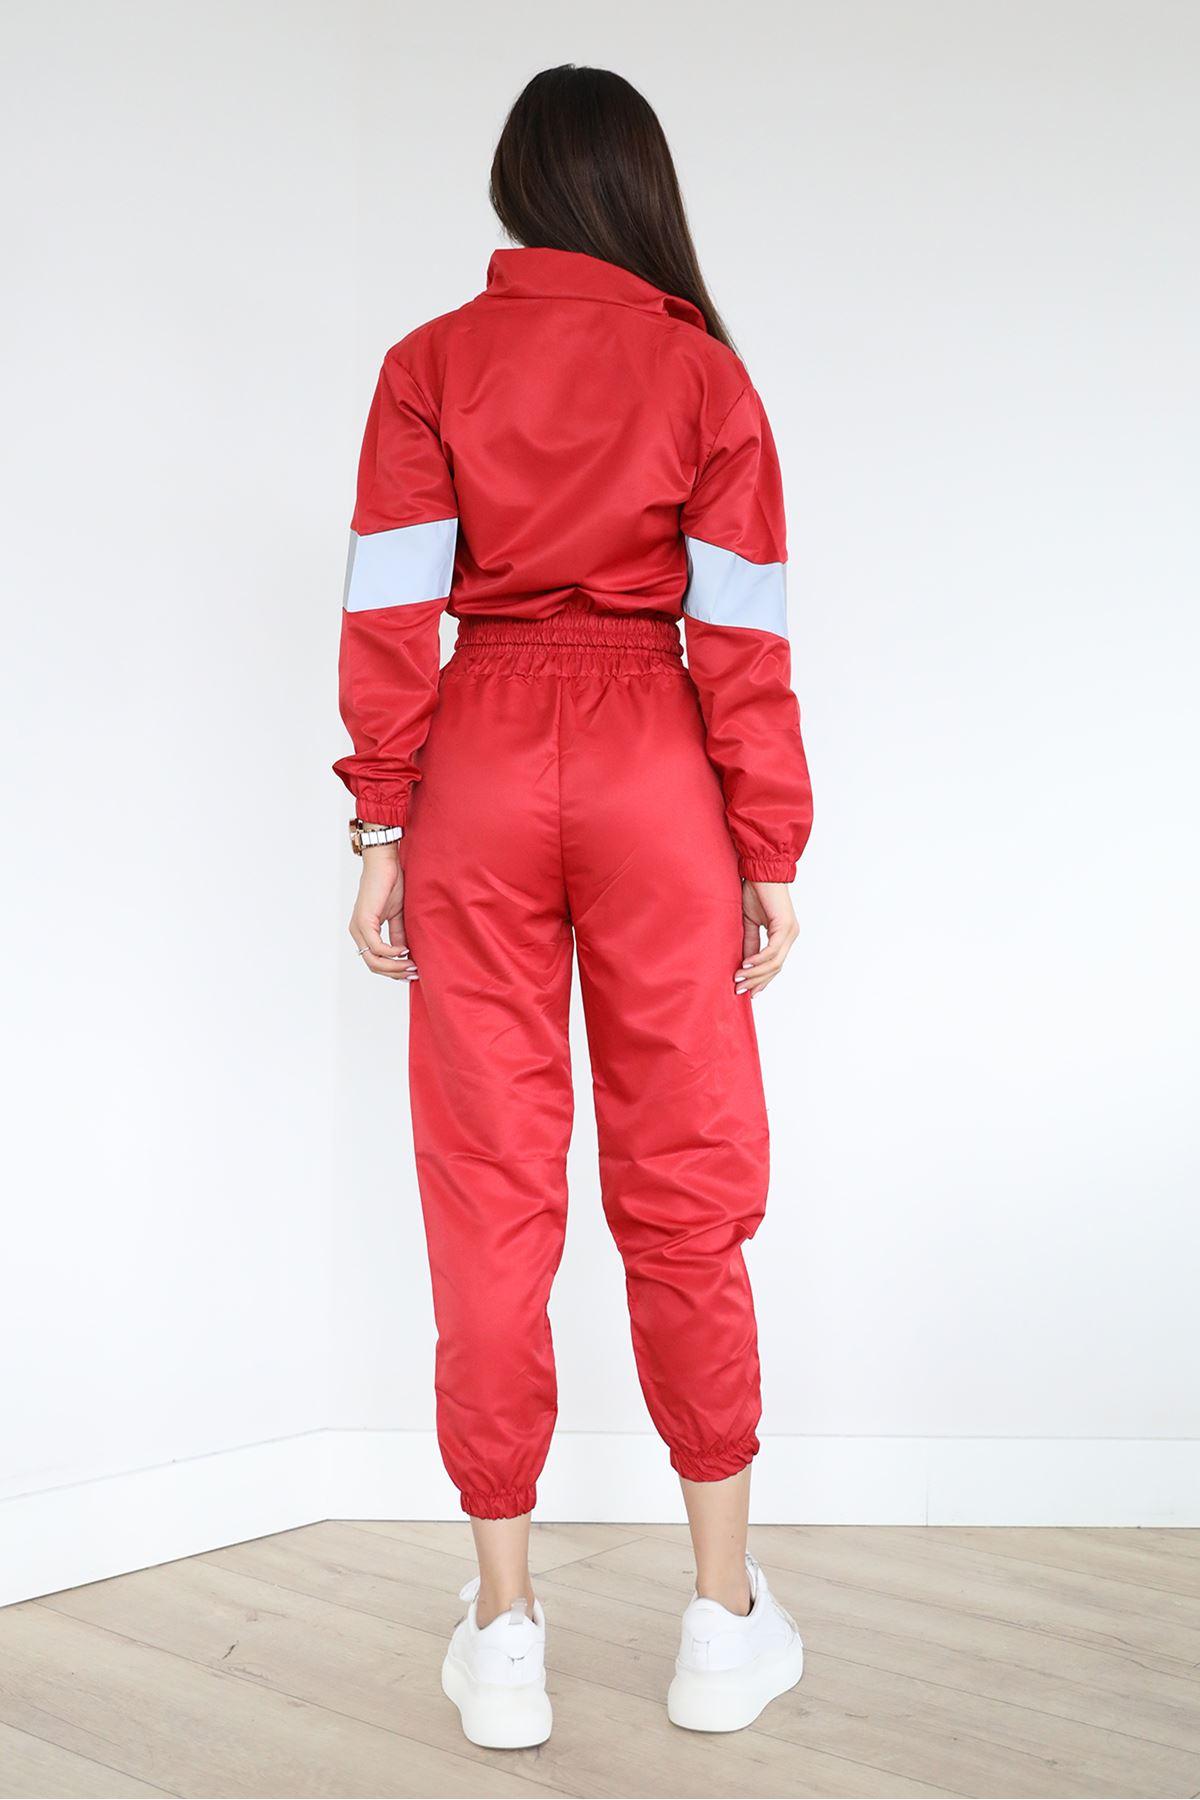 Gri Detay Reflektör Eşofman Takım-Kırmızı